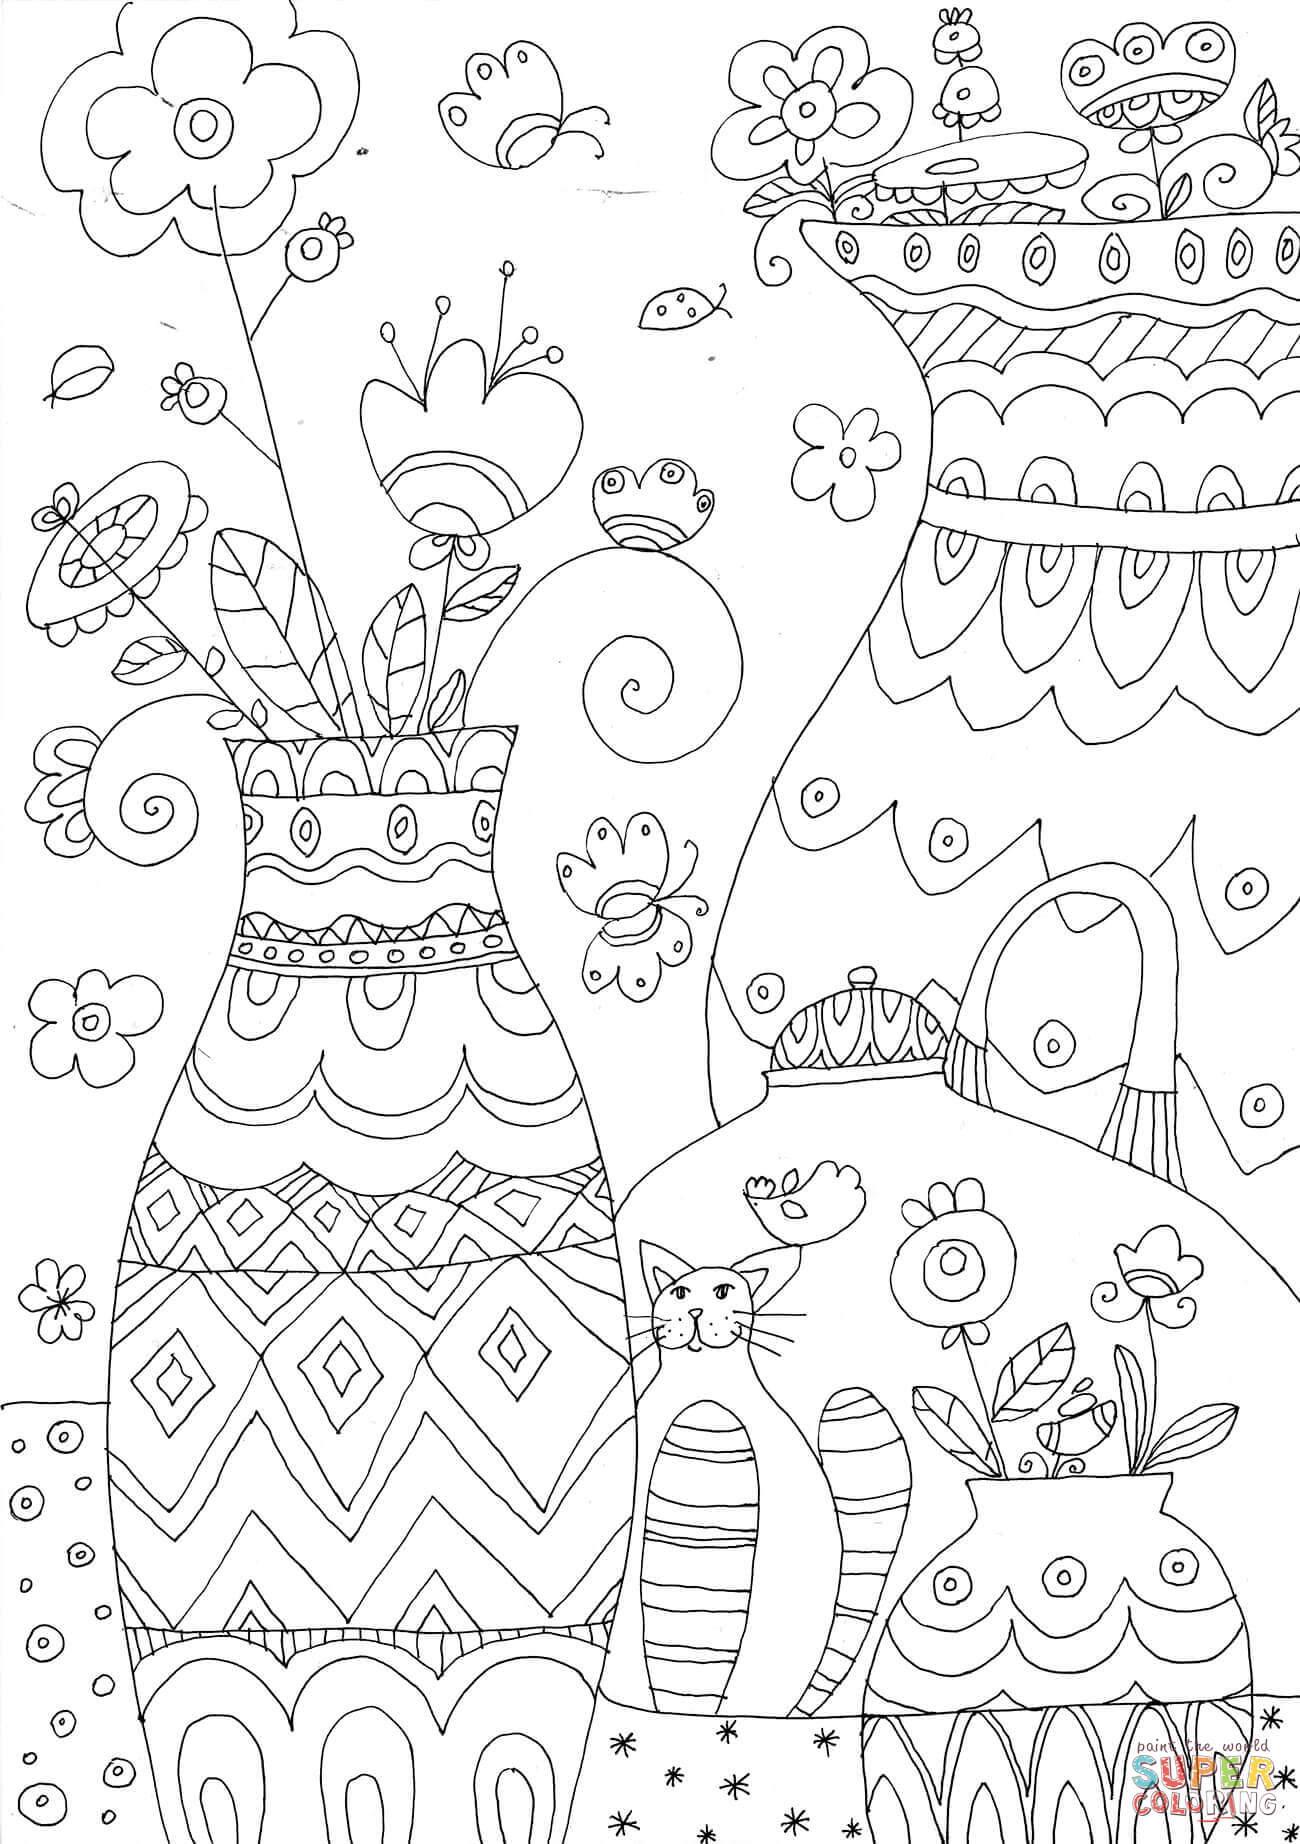 Dibujo De Floreros Para Colorear Dibujos Para Colorear Imprimir Gratis